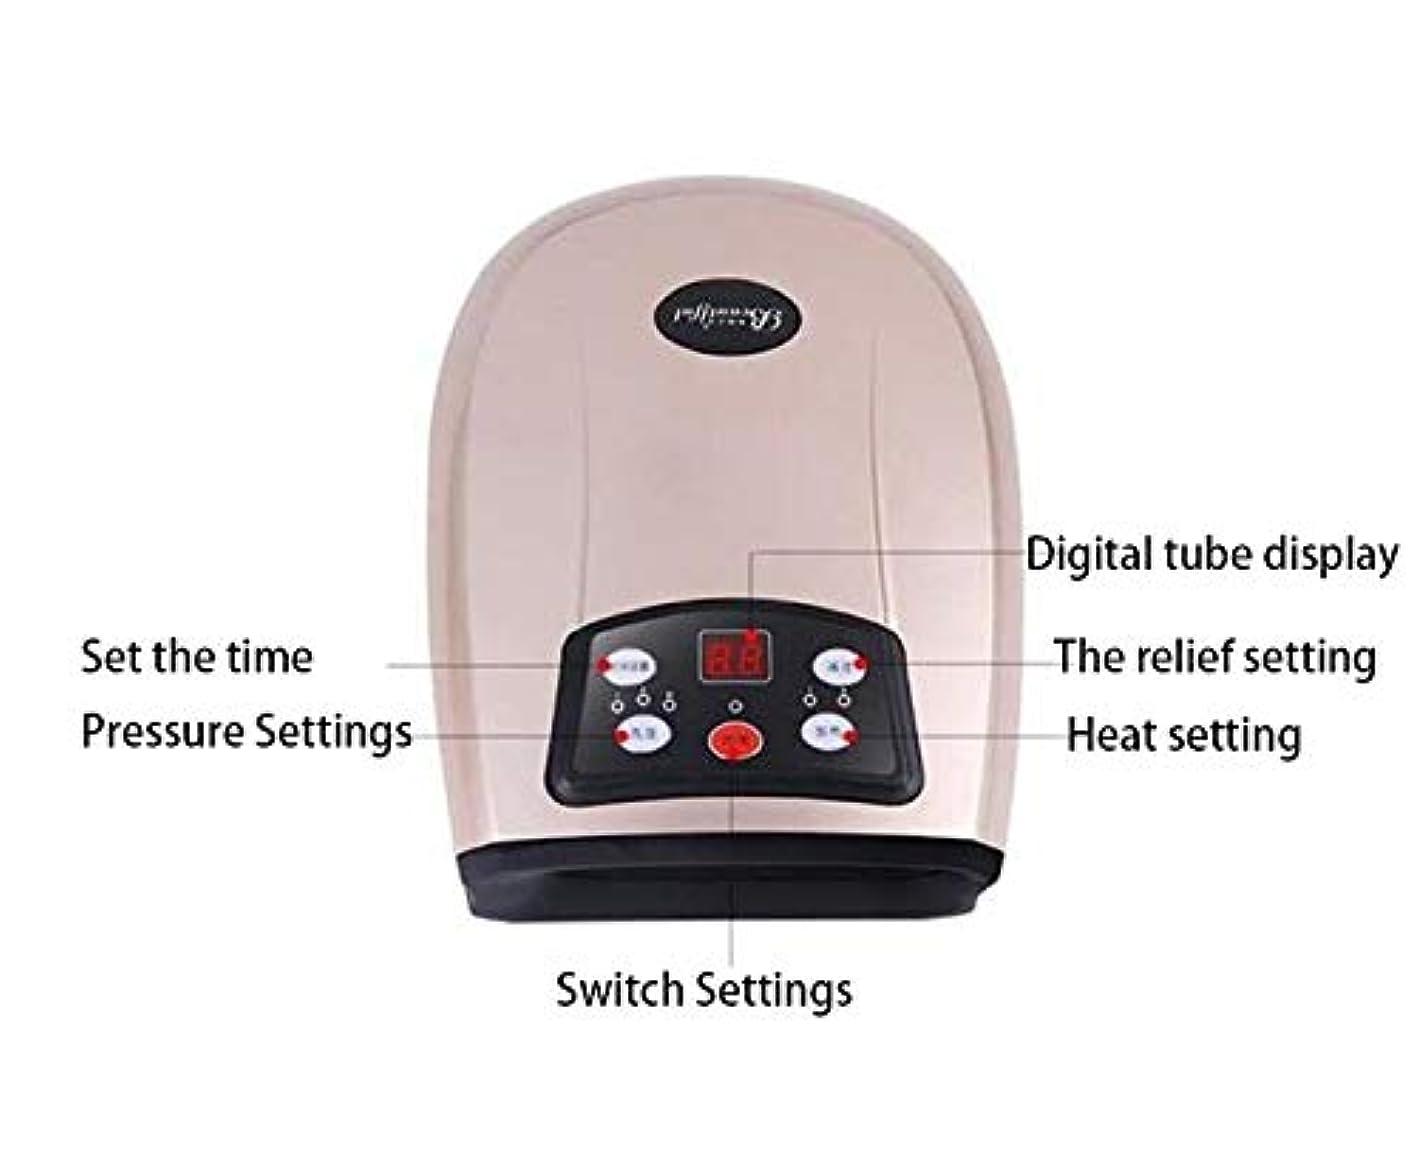 エミュレートする恨みアクセスできないハンド電気暖房マッサージ器マッサージマッサージ美容ツールハンドウォームハンドハイドレイティングケアパーム